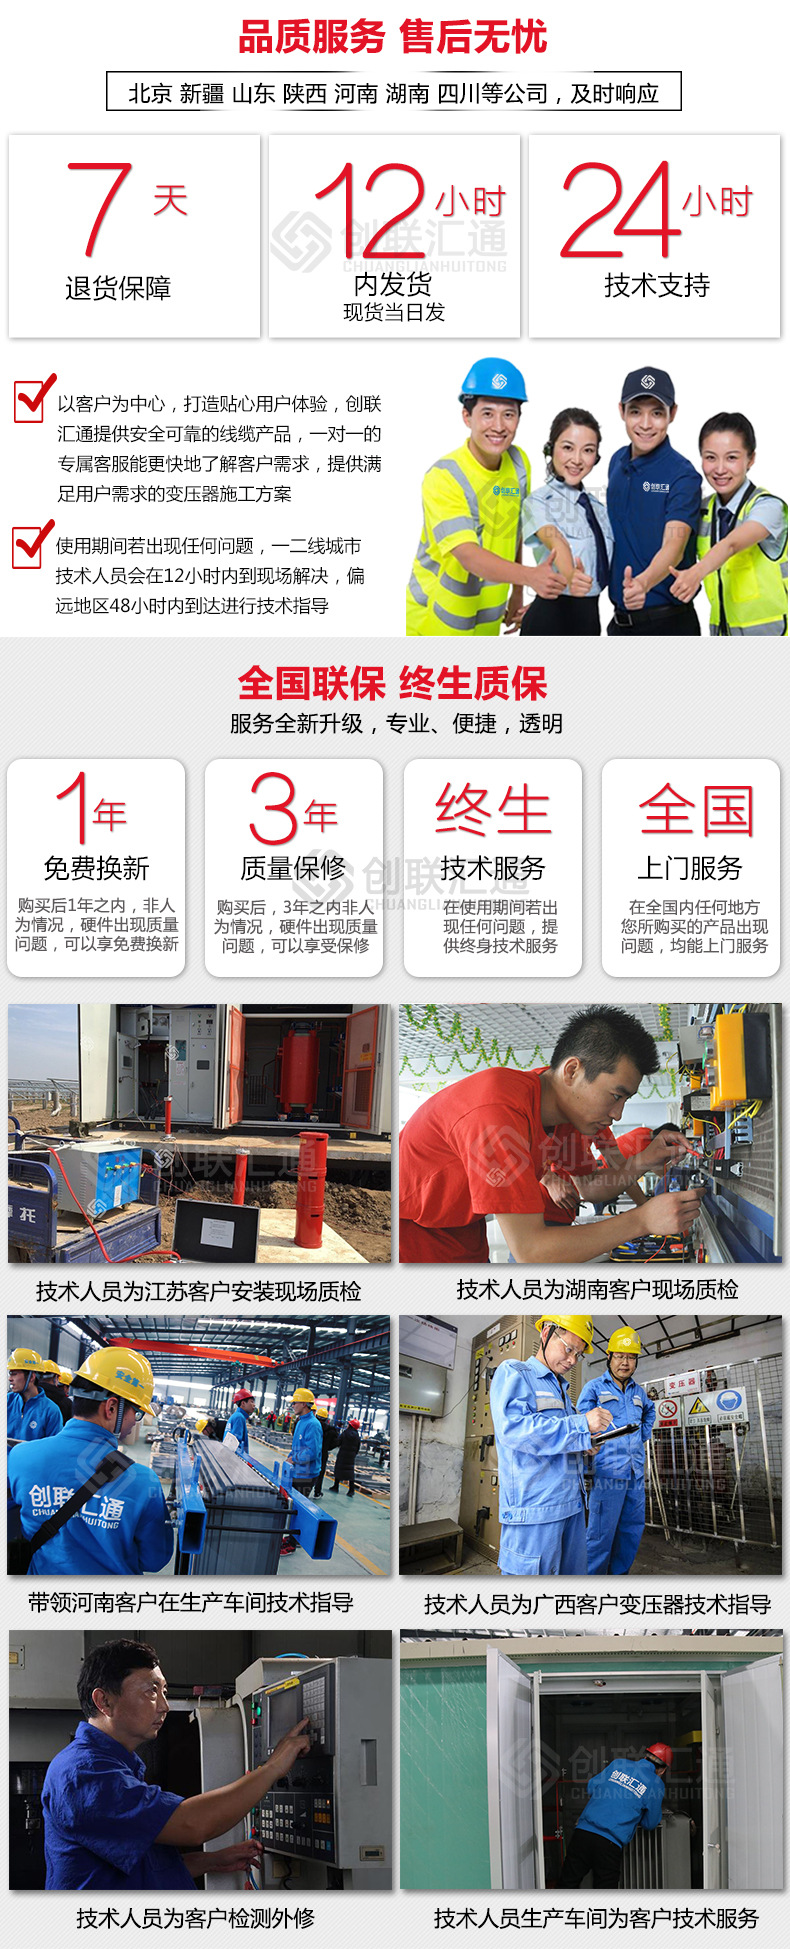 定制型箱式变压器 户外成套箱式变压器厂家 专业生产各类型号箱式变压器-创联汇通示例图10